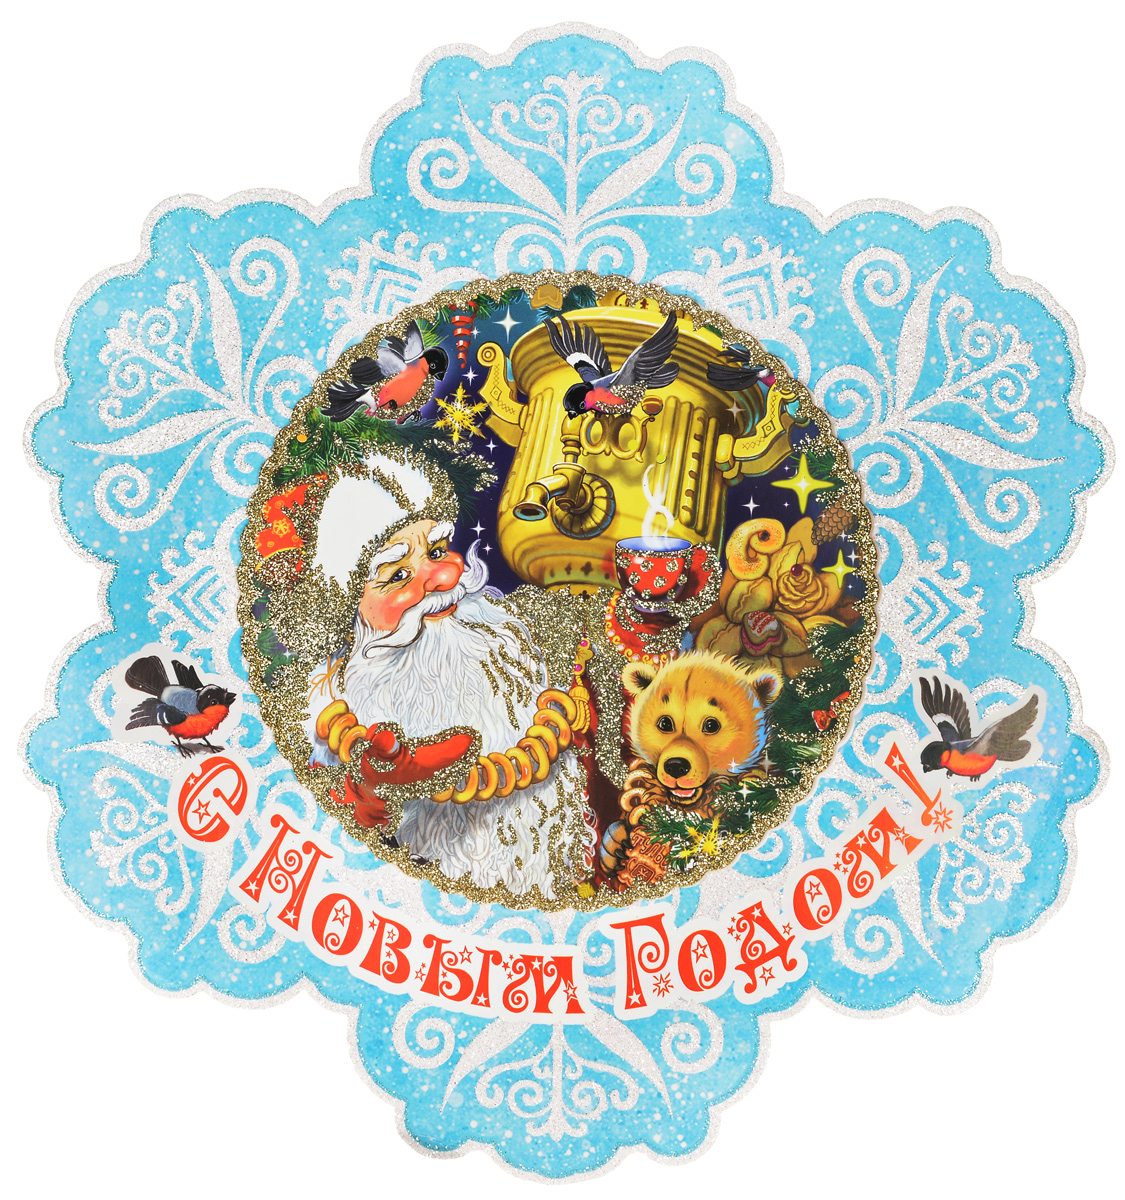 Украшение новогоднее оконное Magic Time Дед мороз с самоваром, двустороннее, 30 х 32 см новогоднее оконное украшение magic time дед мороз и снегурочка 32 x 59 5 см